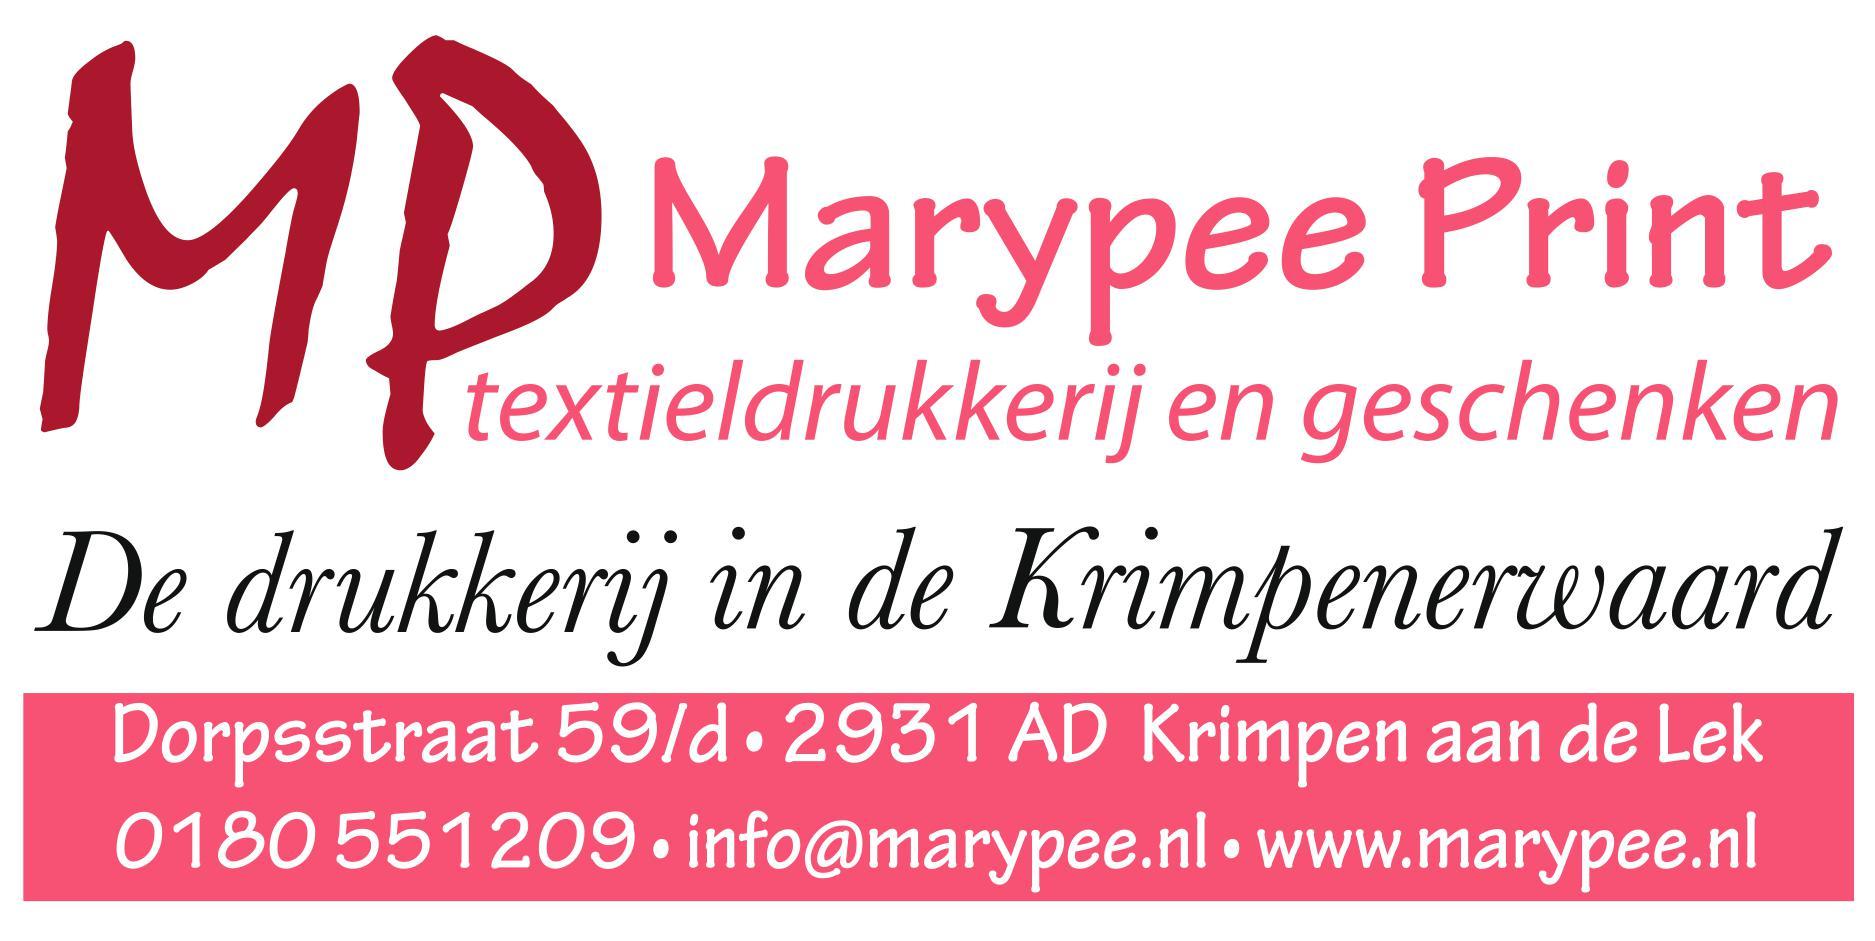 Marypee Print textieldrukkerij en geschenken